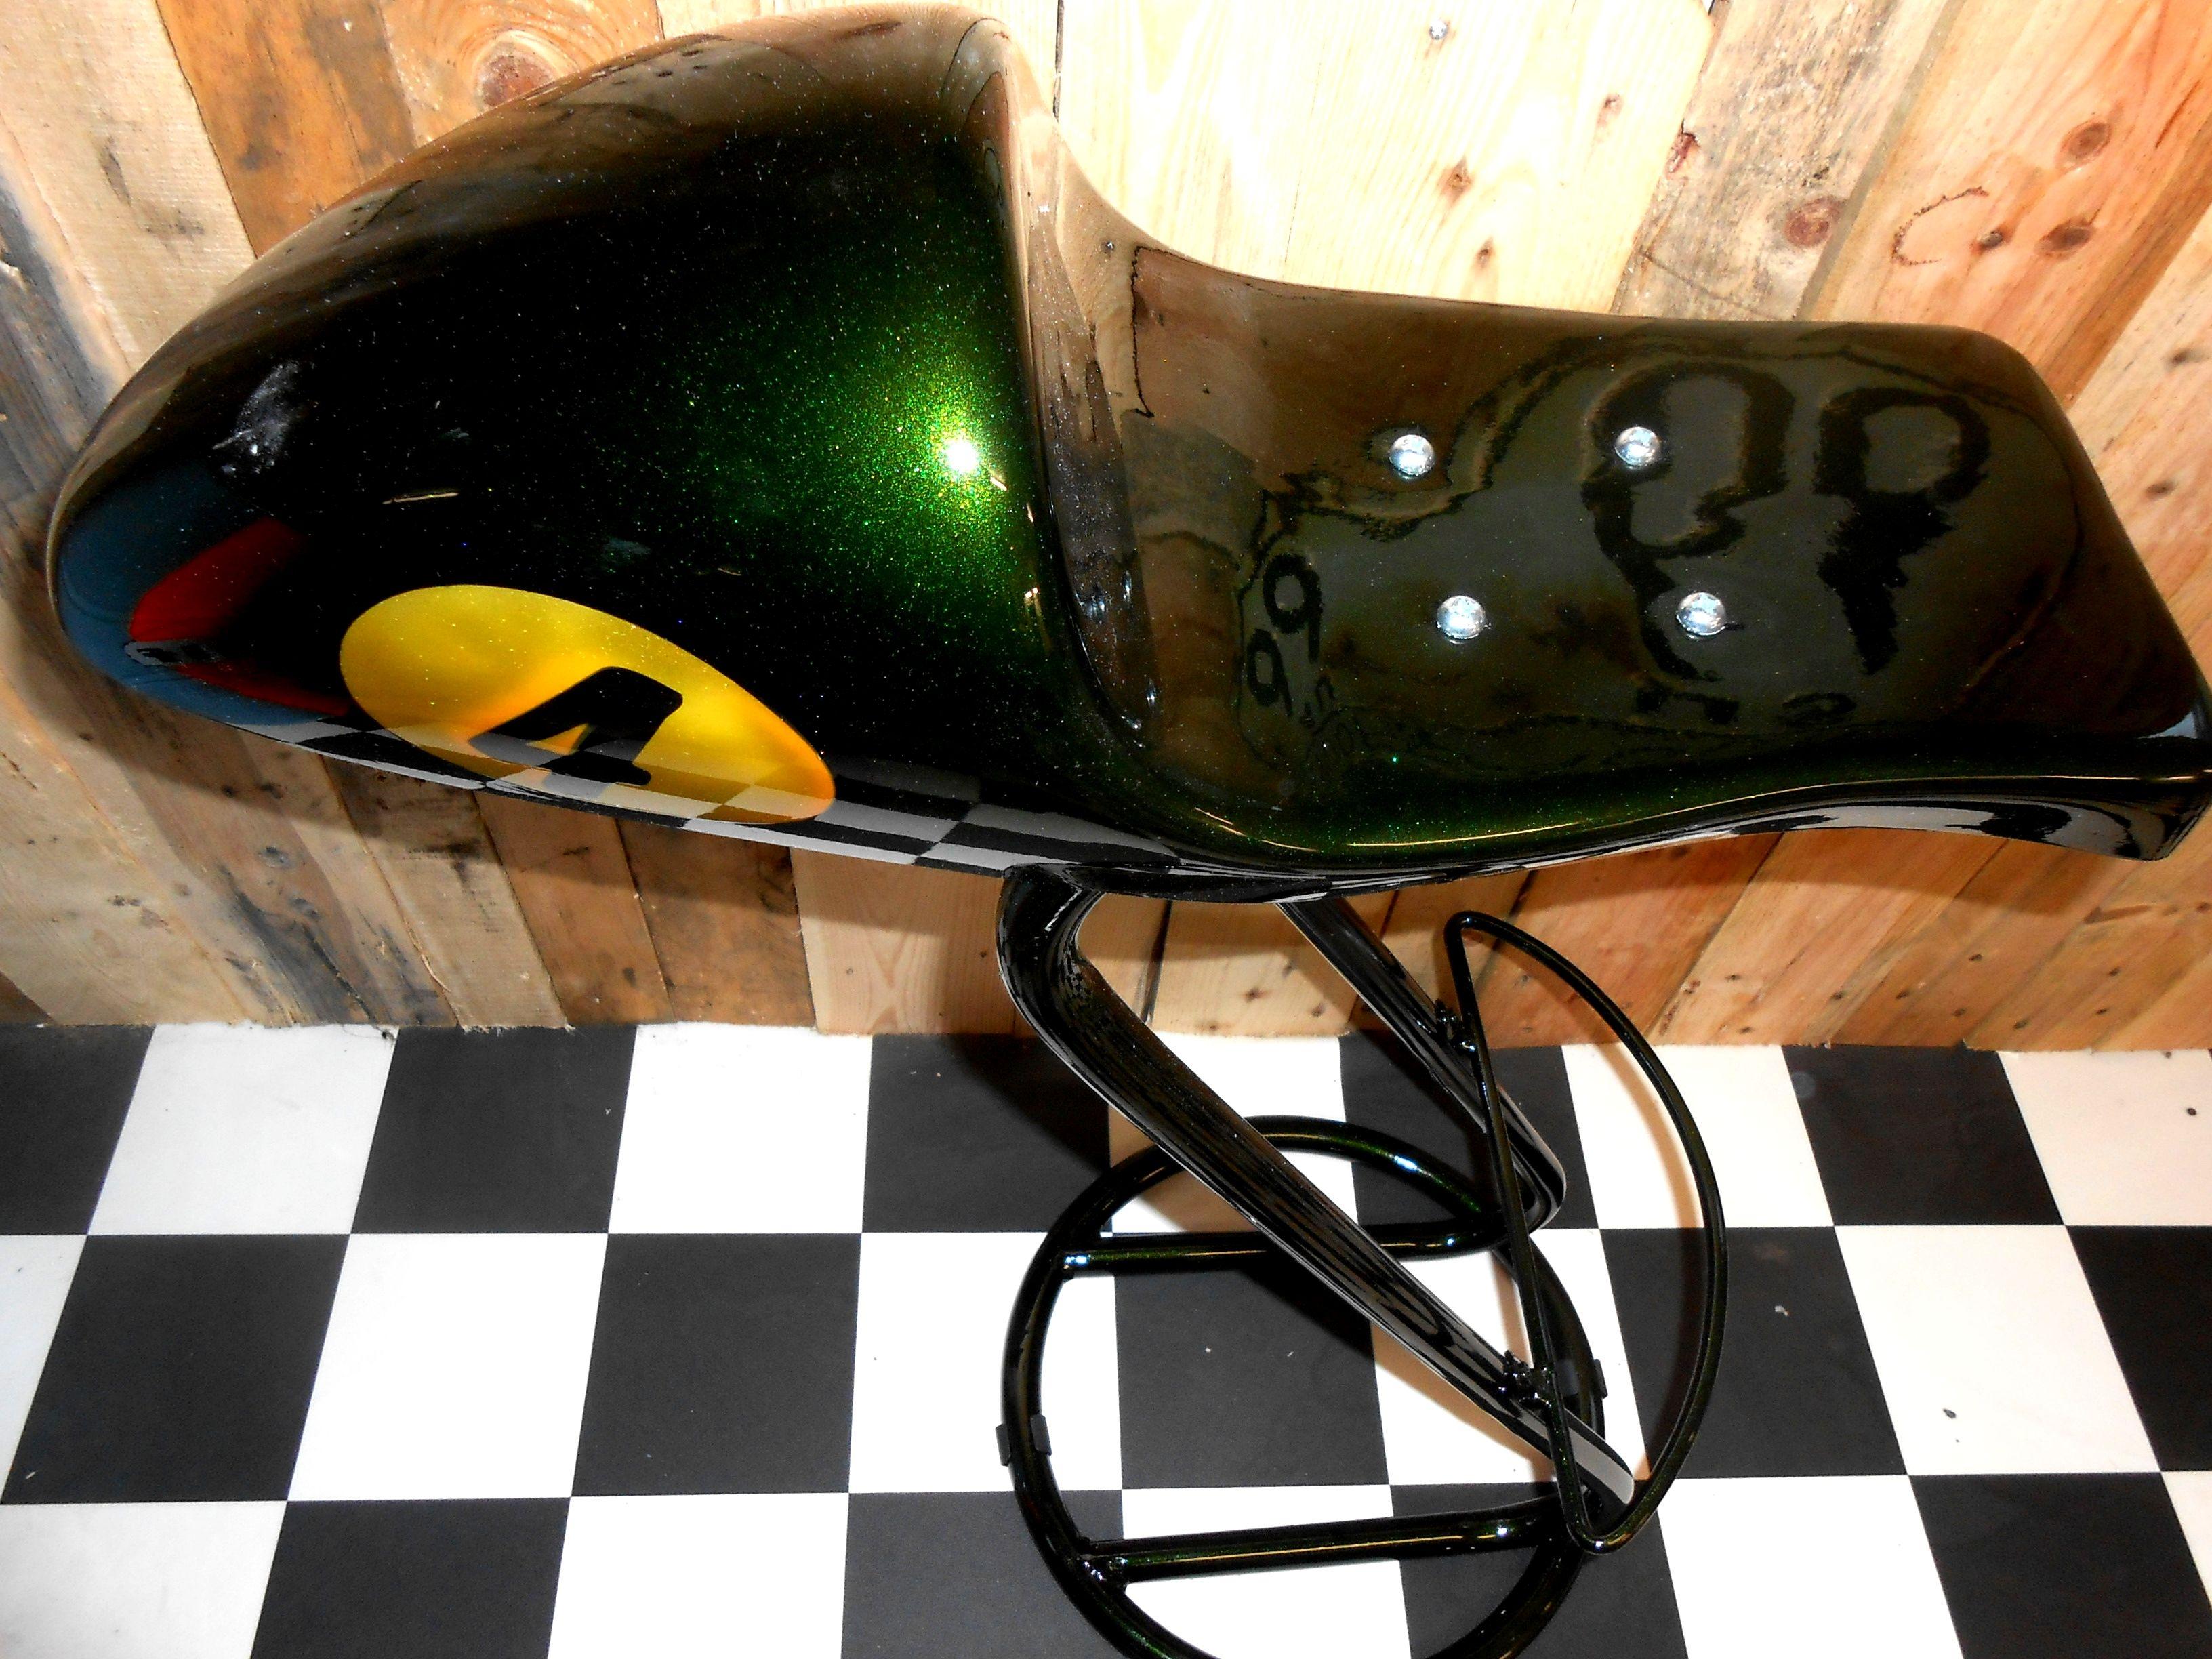 Tabouret De Bar Avec Coque Arrière Café Racer Peinture Candy Vert